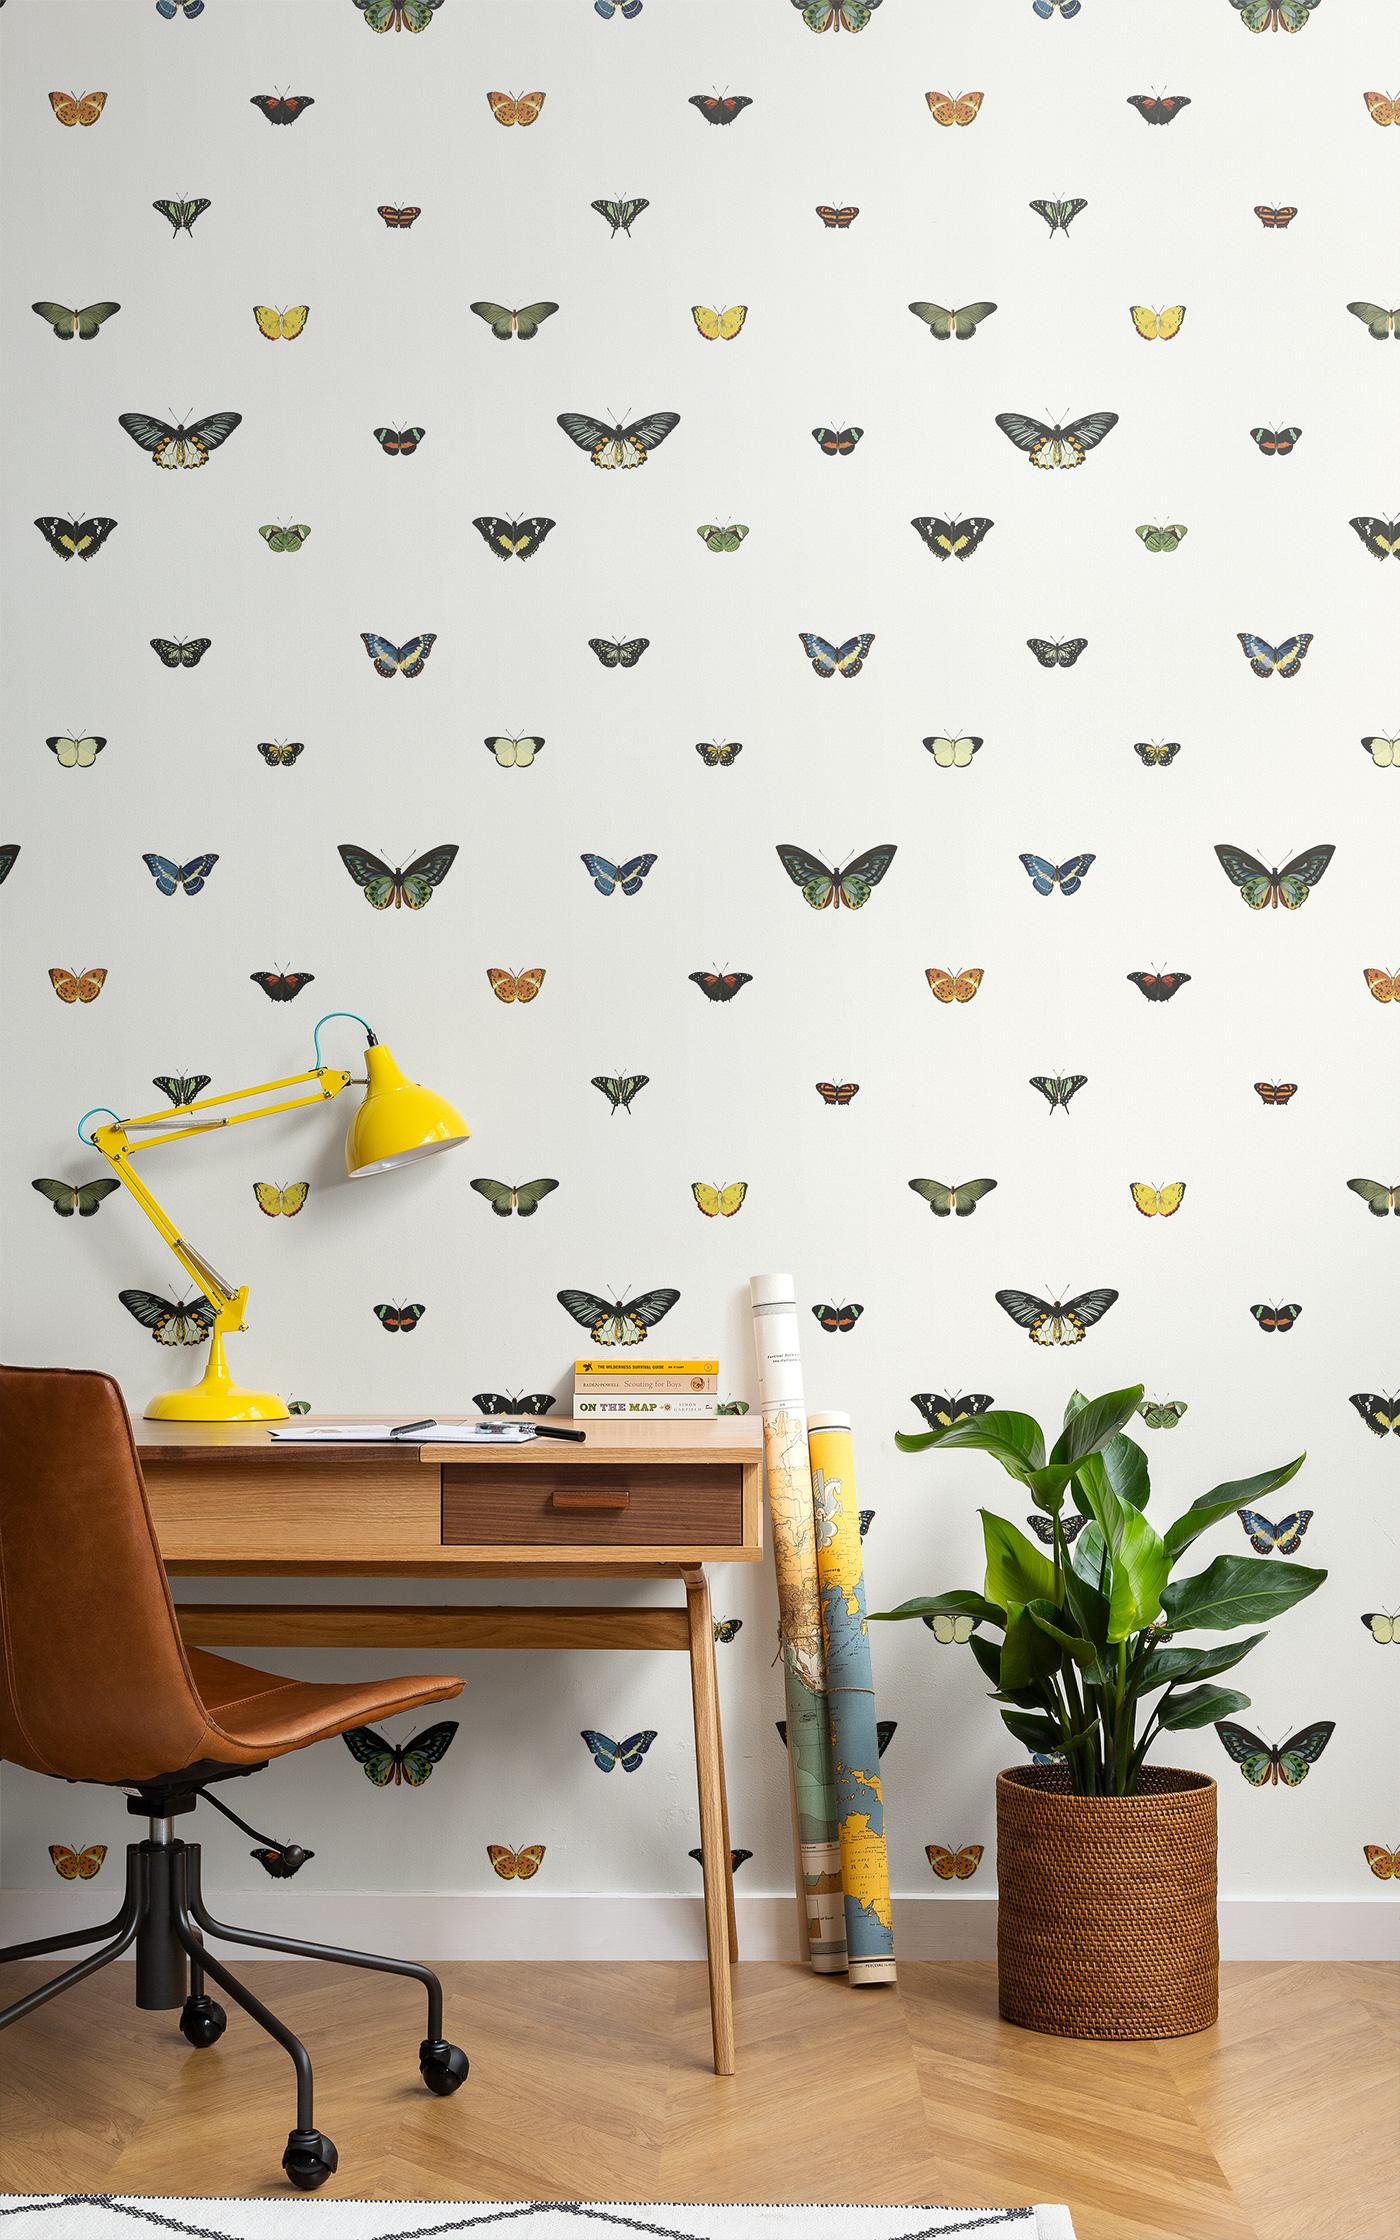 Image (c) Murals Wallpaper